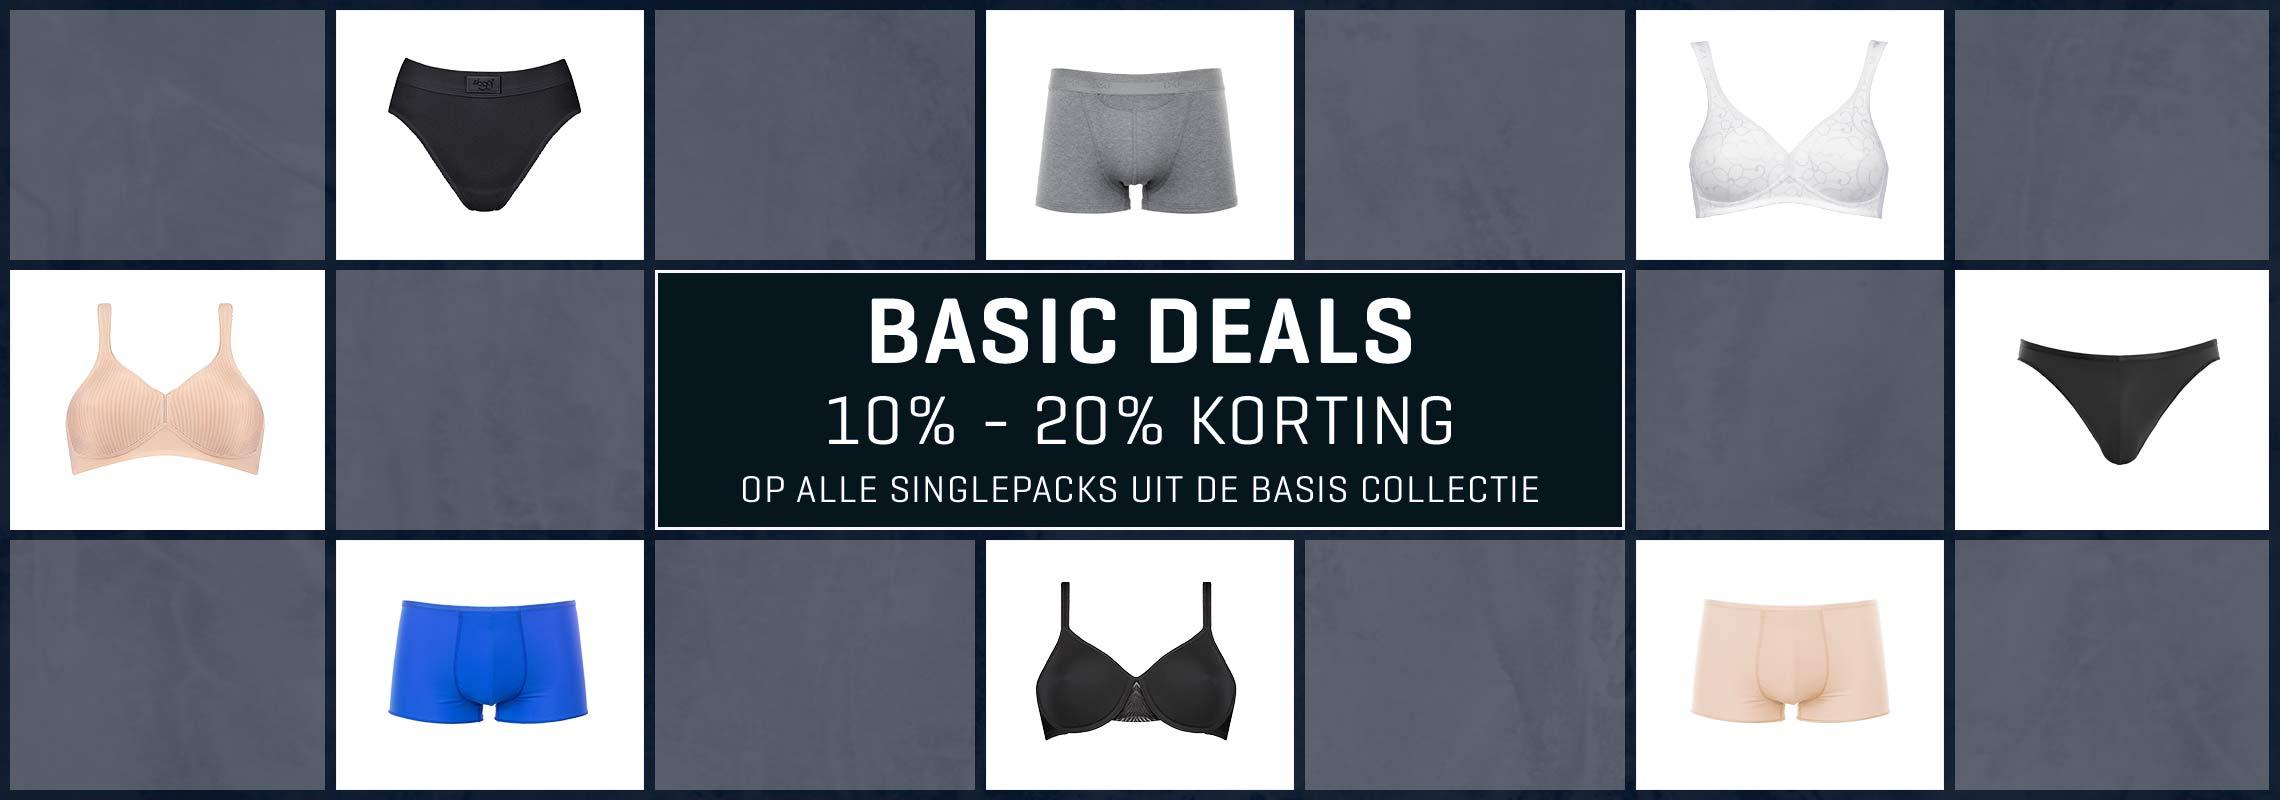 Basic Deals - 10 - 20 % korting op al onze basic singlepacks